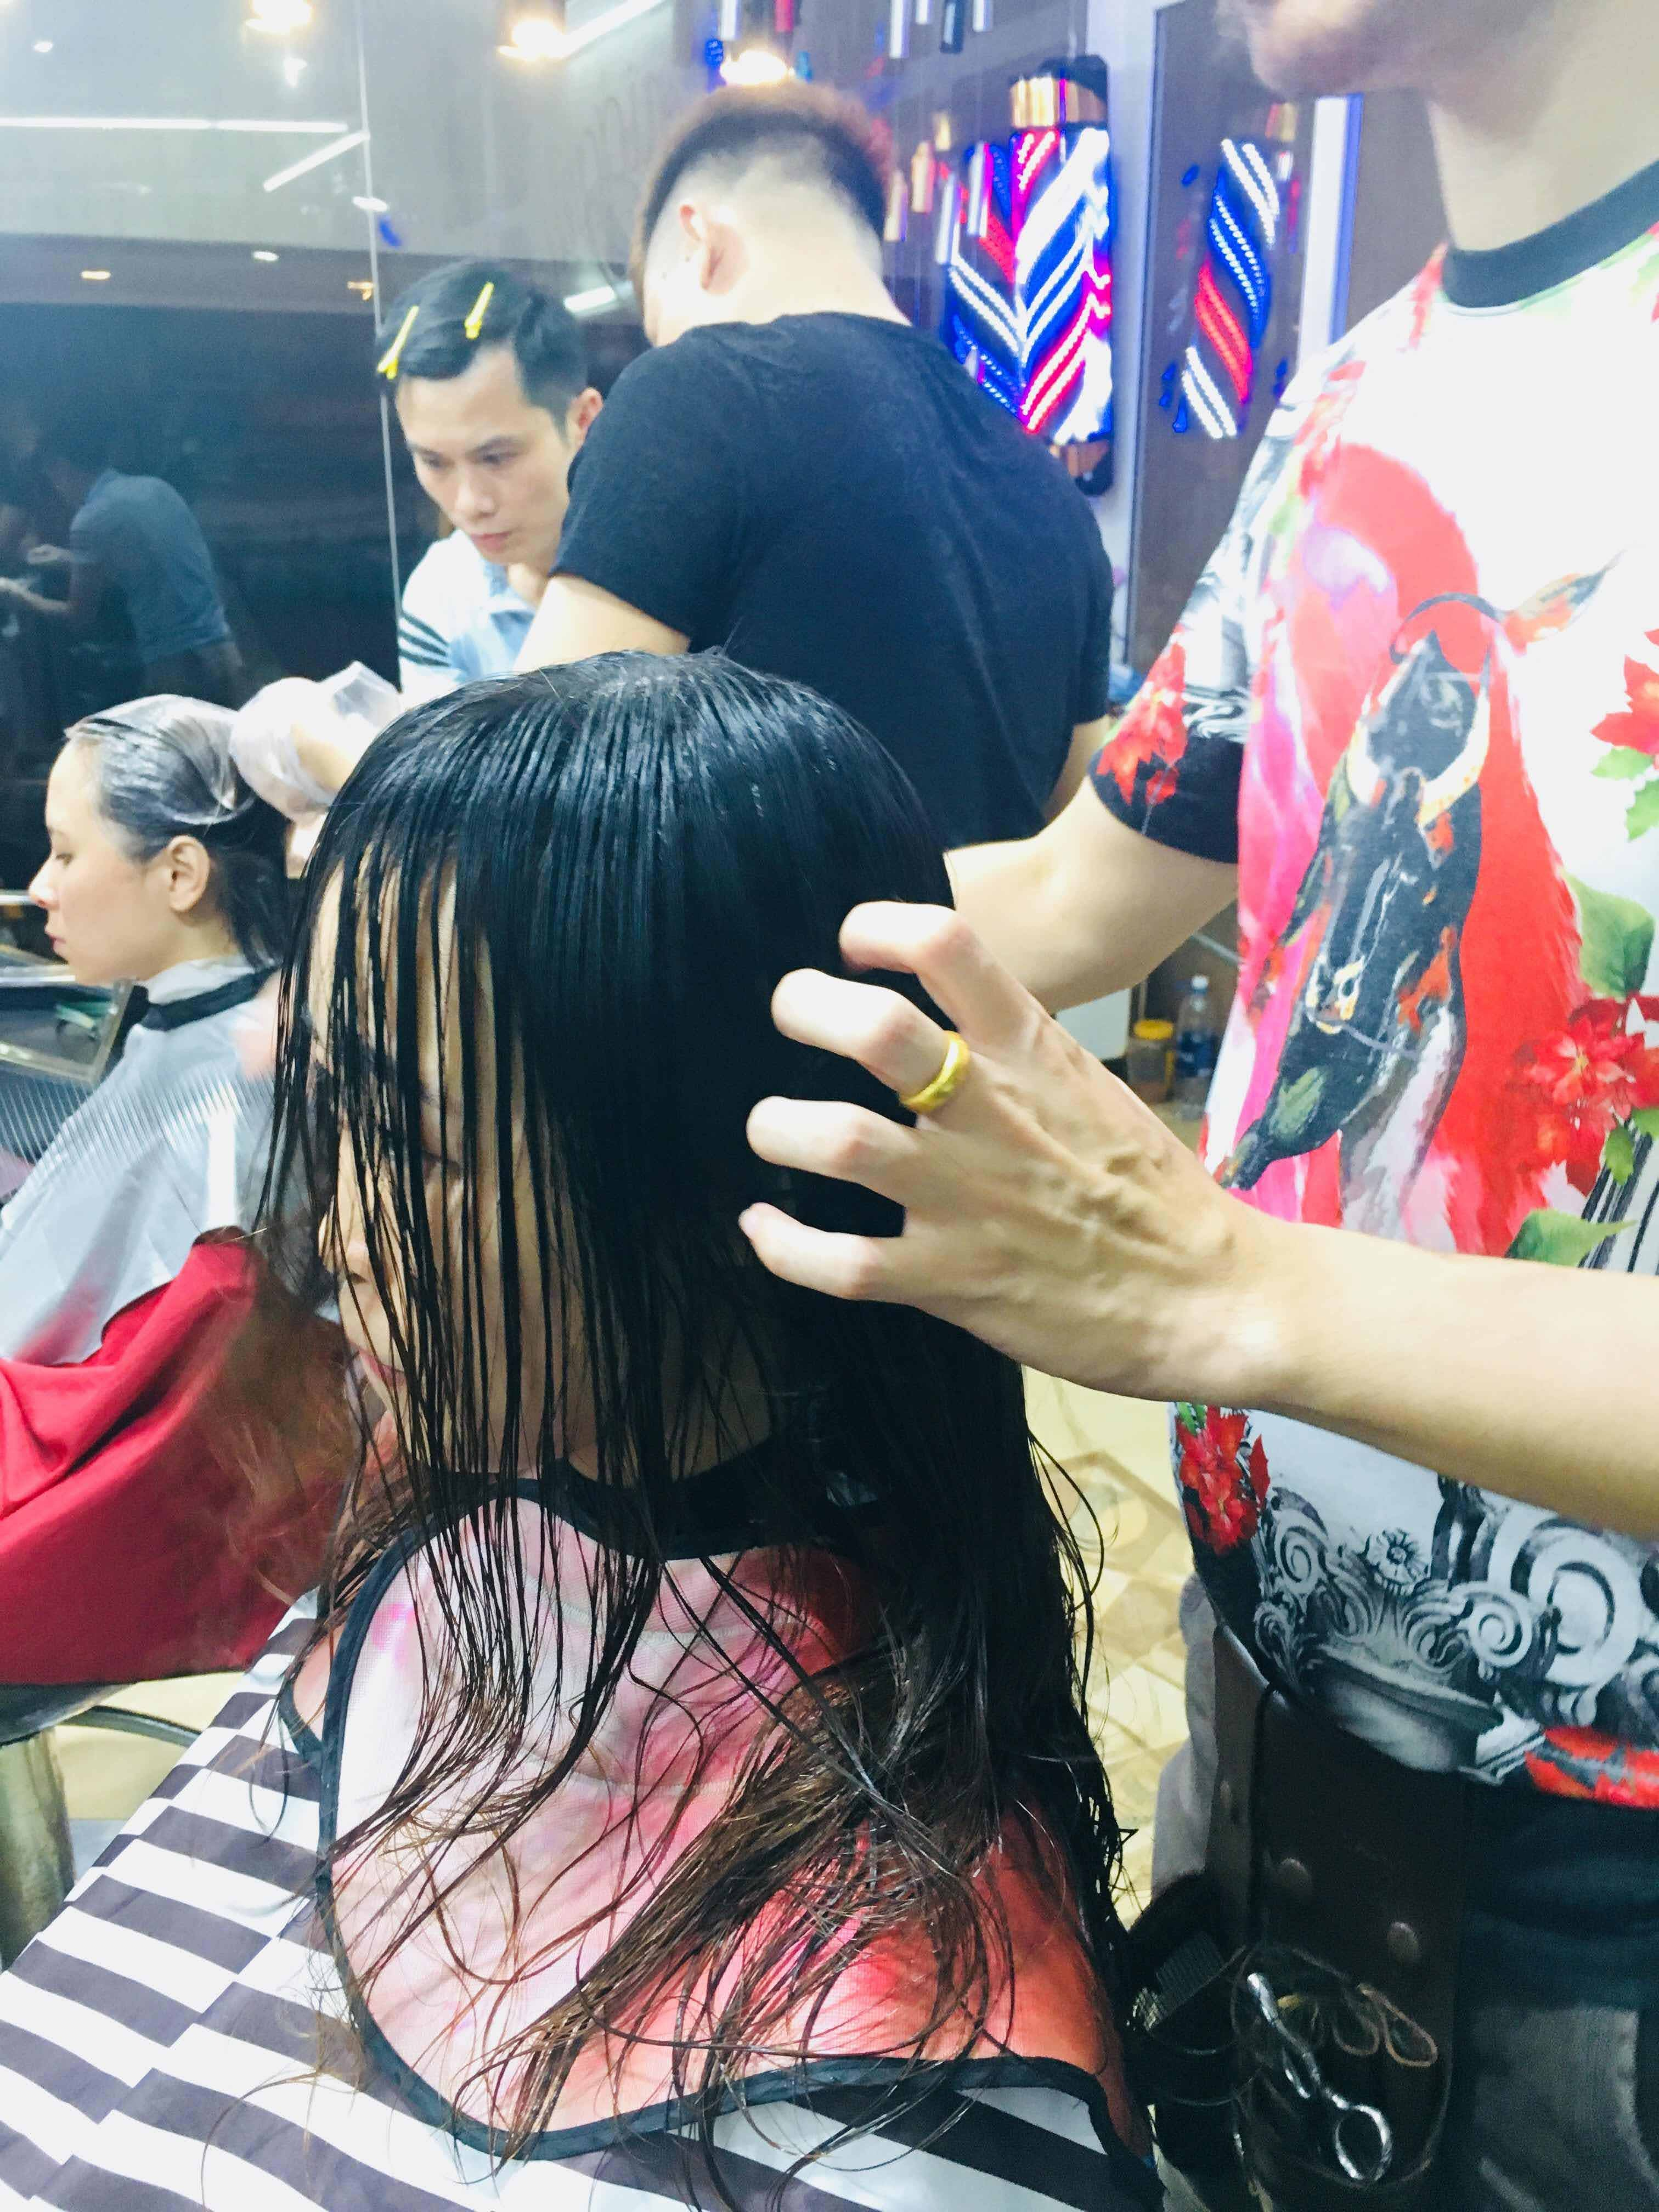 Cấp cứu tóc cắt hỏng ở đâu chuẩn nhất tại Hà Nội?